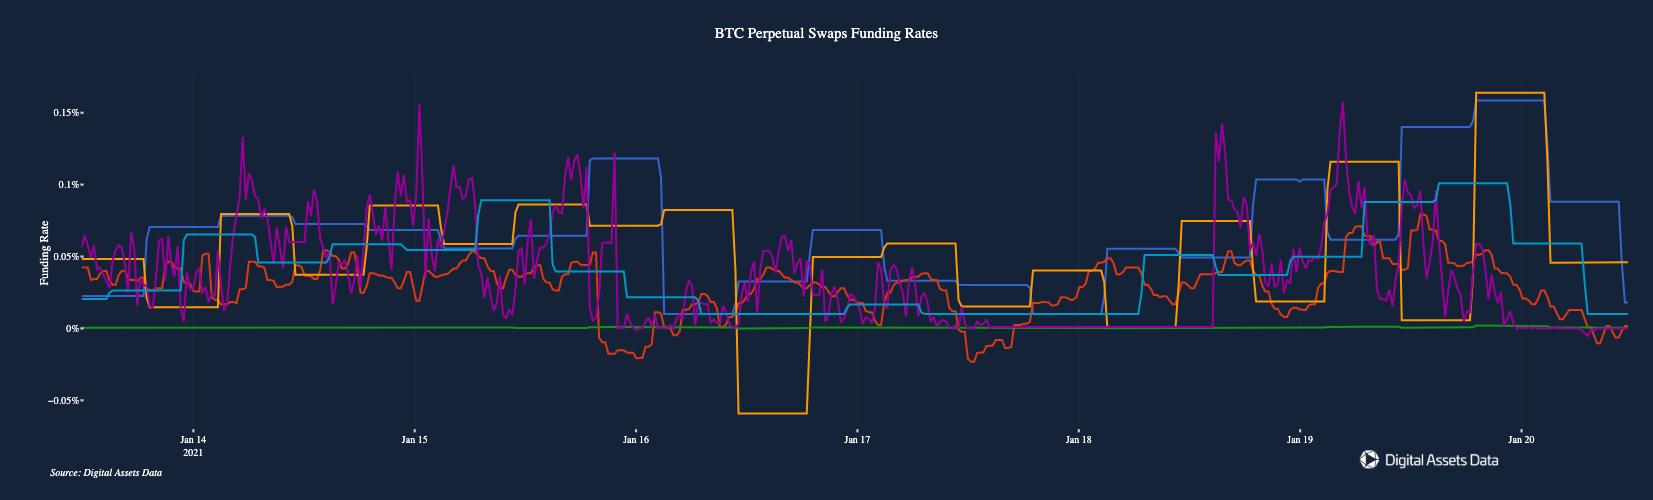 Funding rate dei perpetual swap di BTC